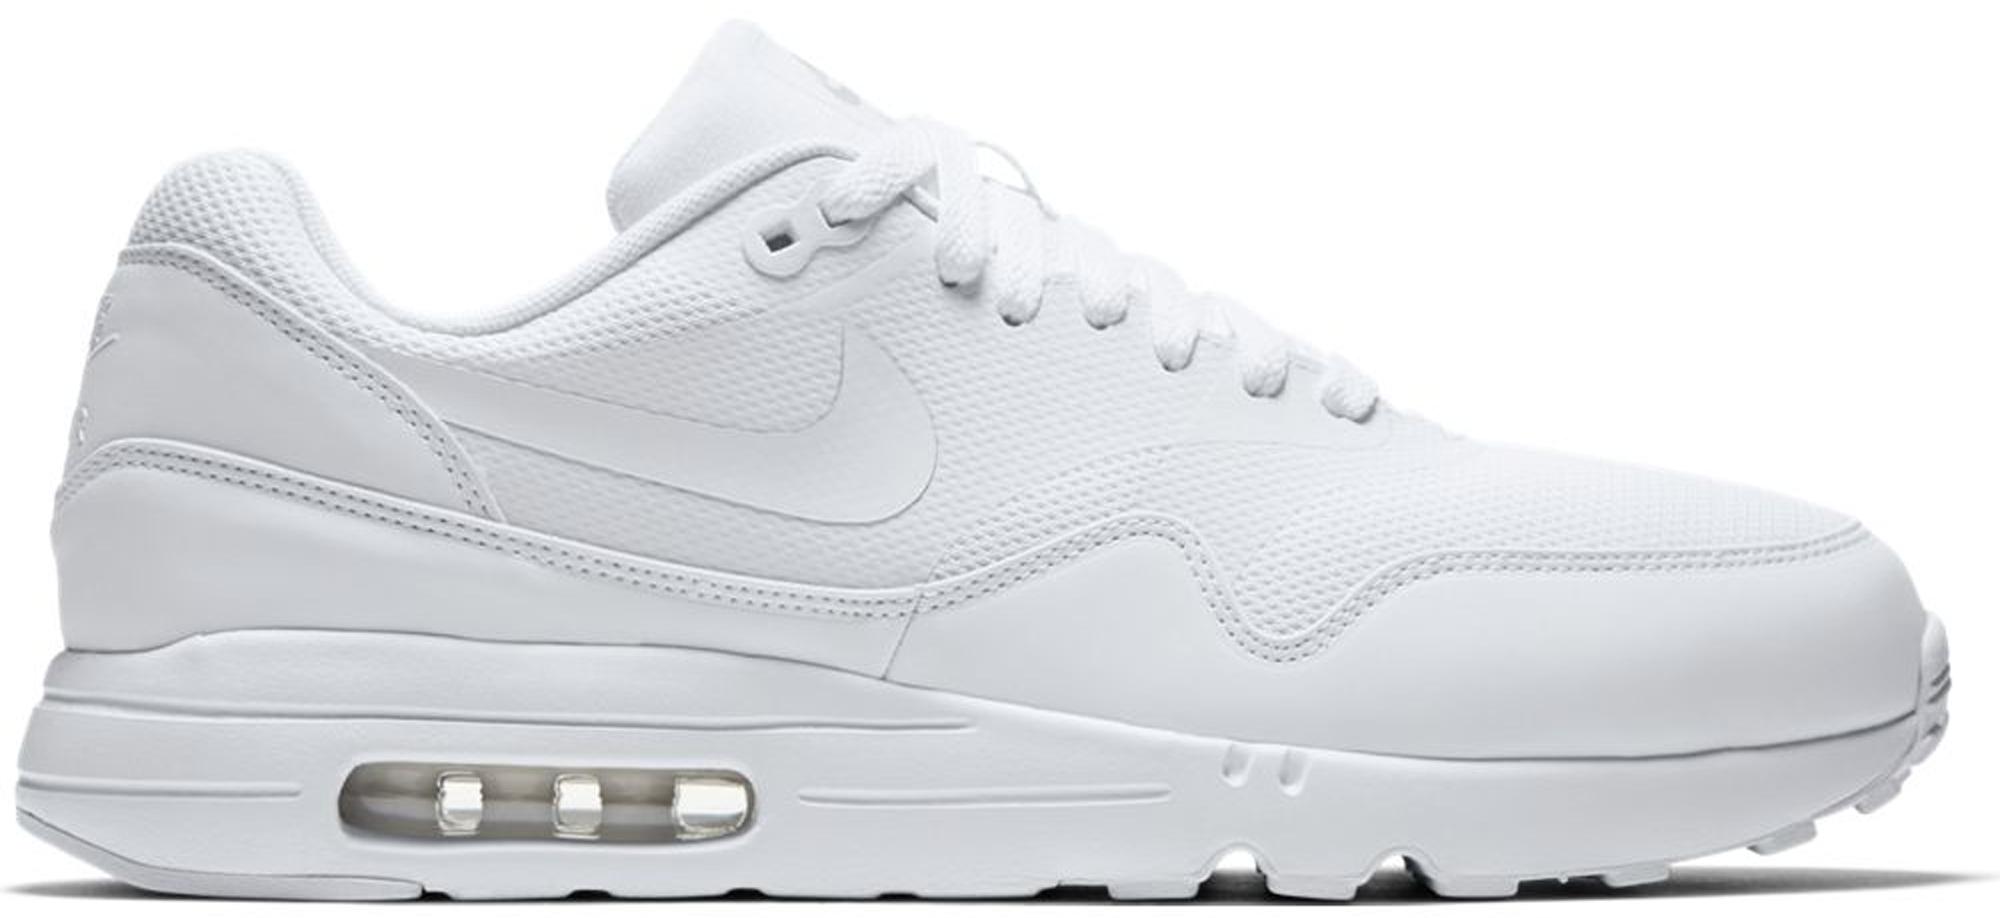 Nike Air Max 1 Ultra 2.0 White - 875679-100